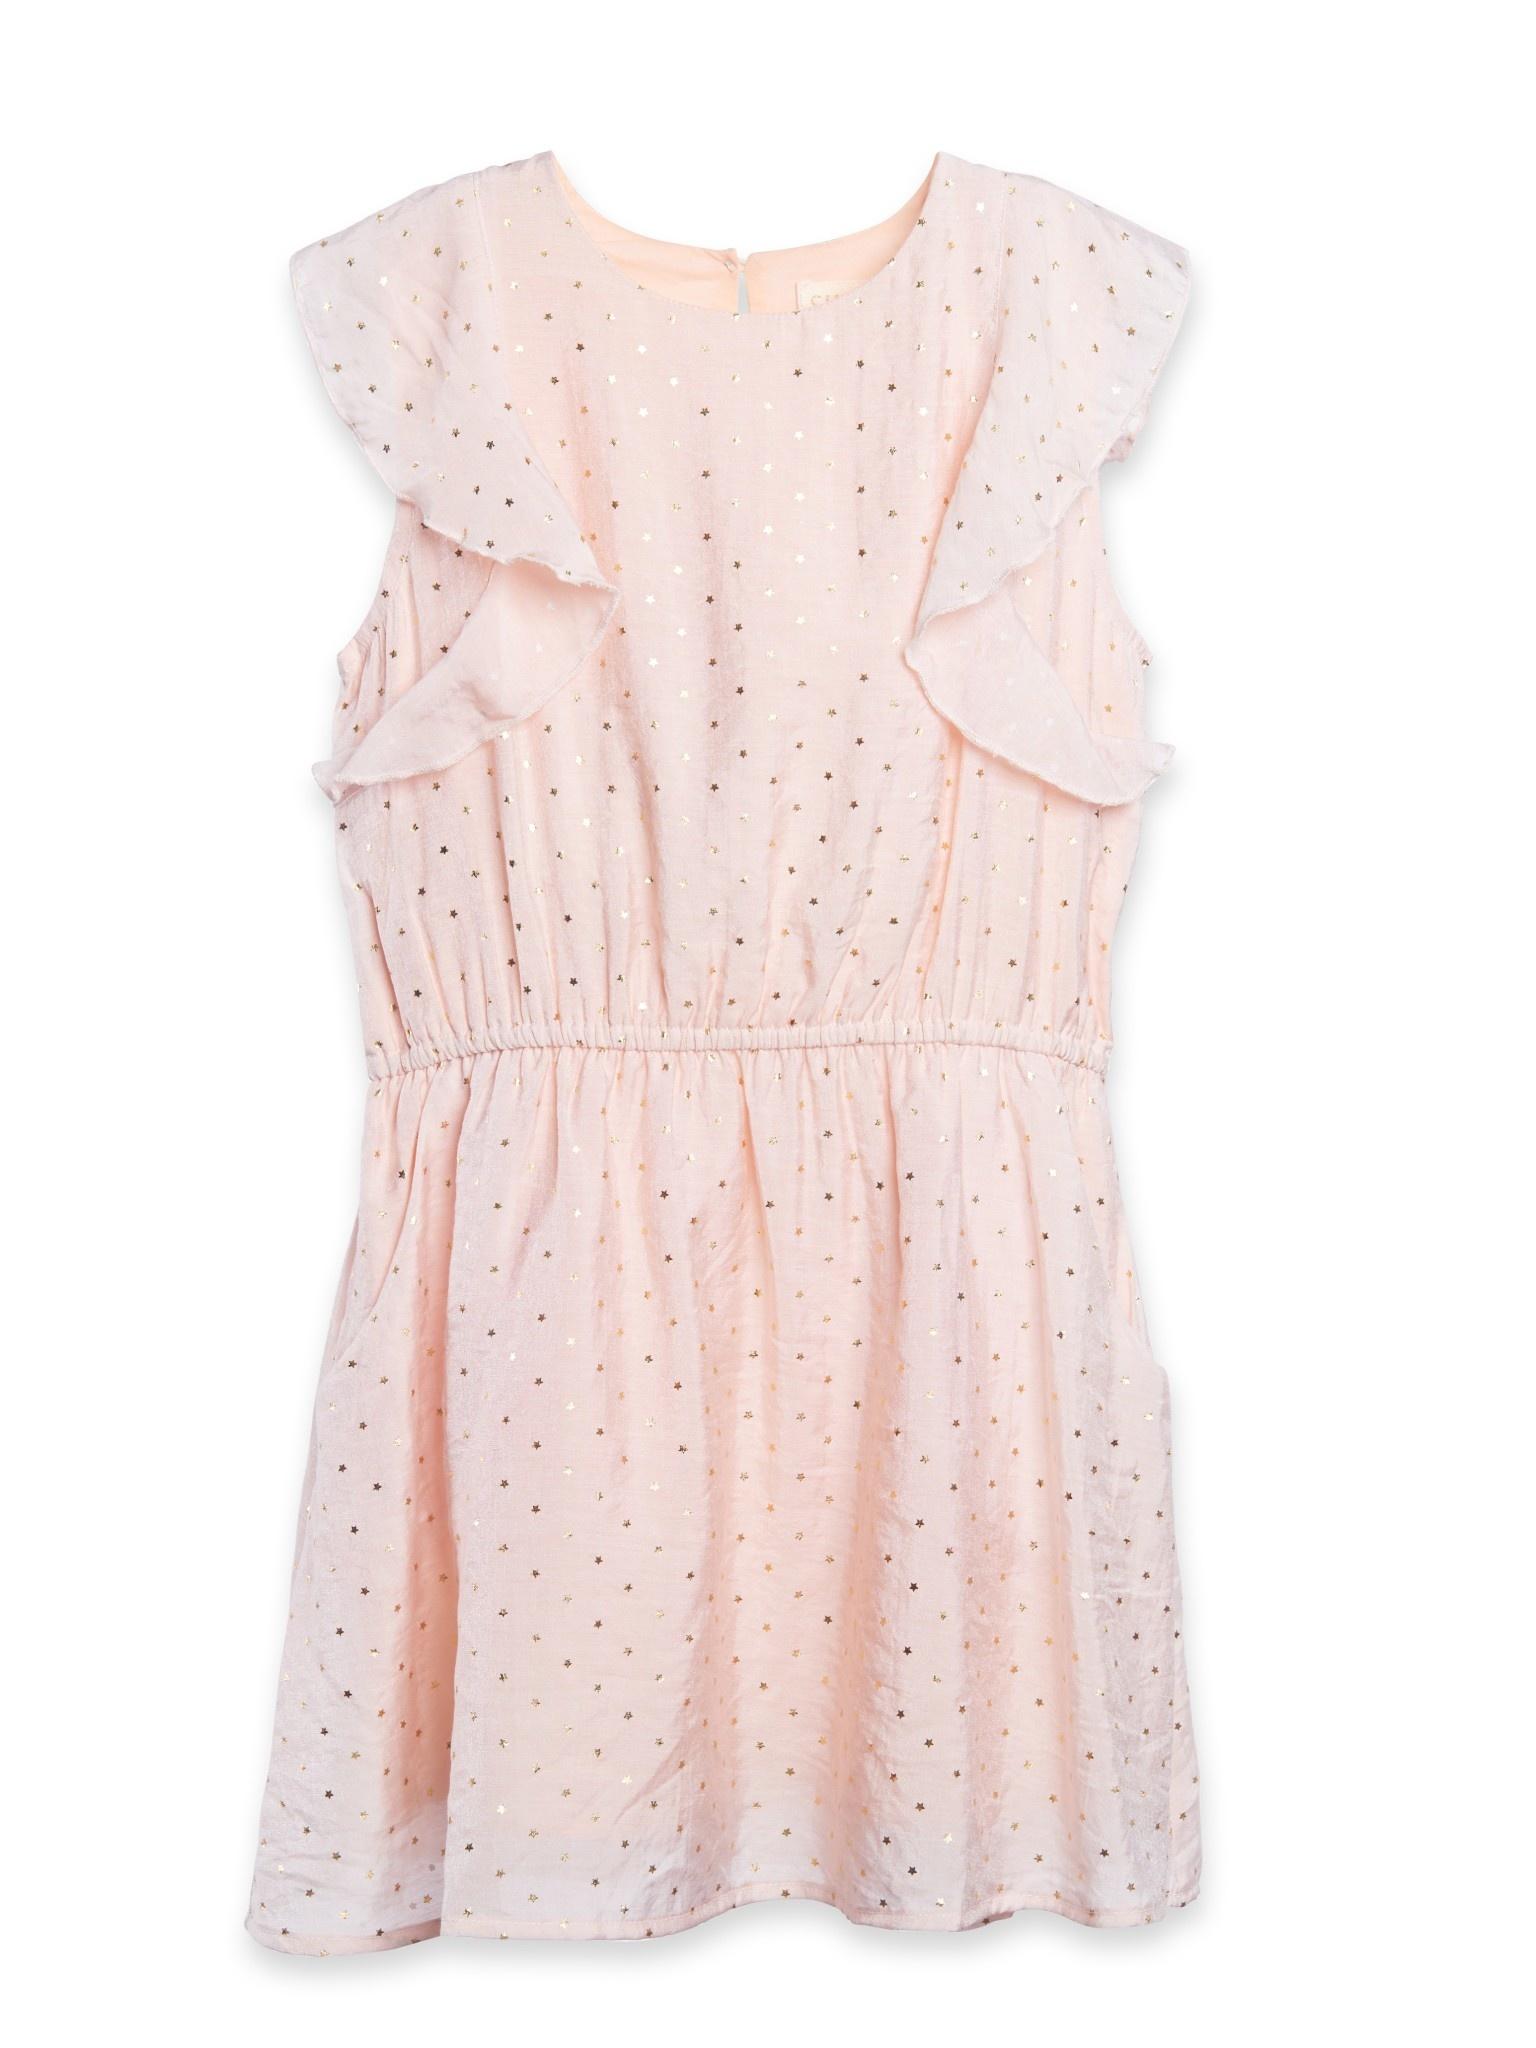 Siaomimi Charis Dress - Star